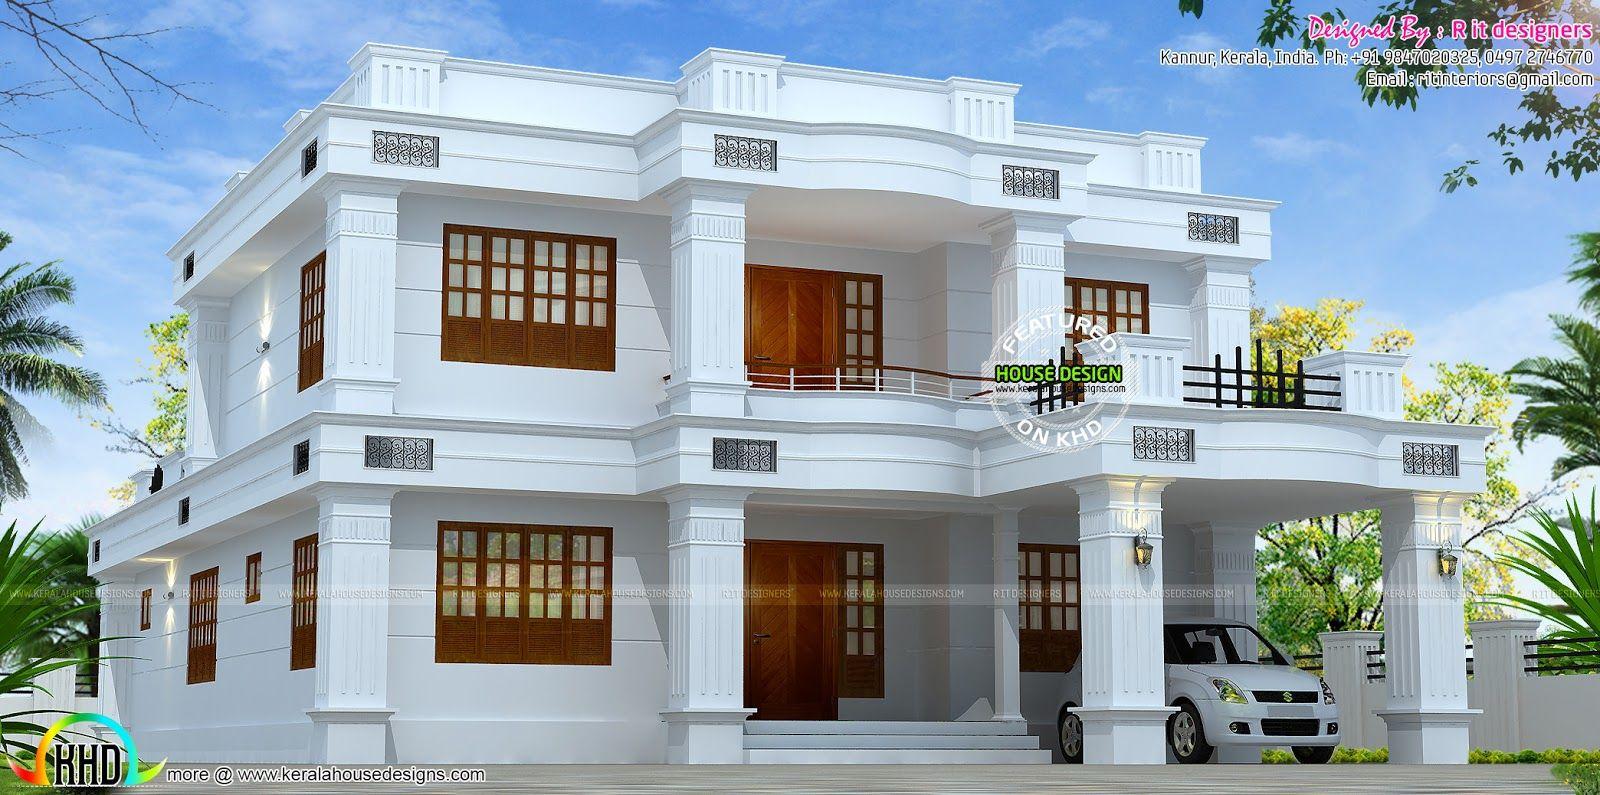 Sq Ft Bedroom Kerala Home Kerala Home Design Floor Plans Bedroom Modern Sq  Ft Villa Kerala Home Design Floor Plans